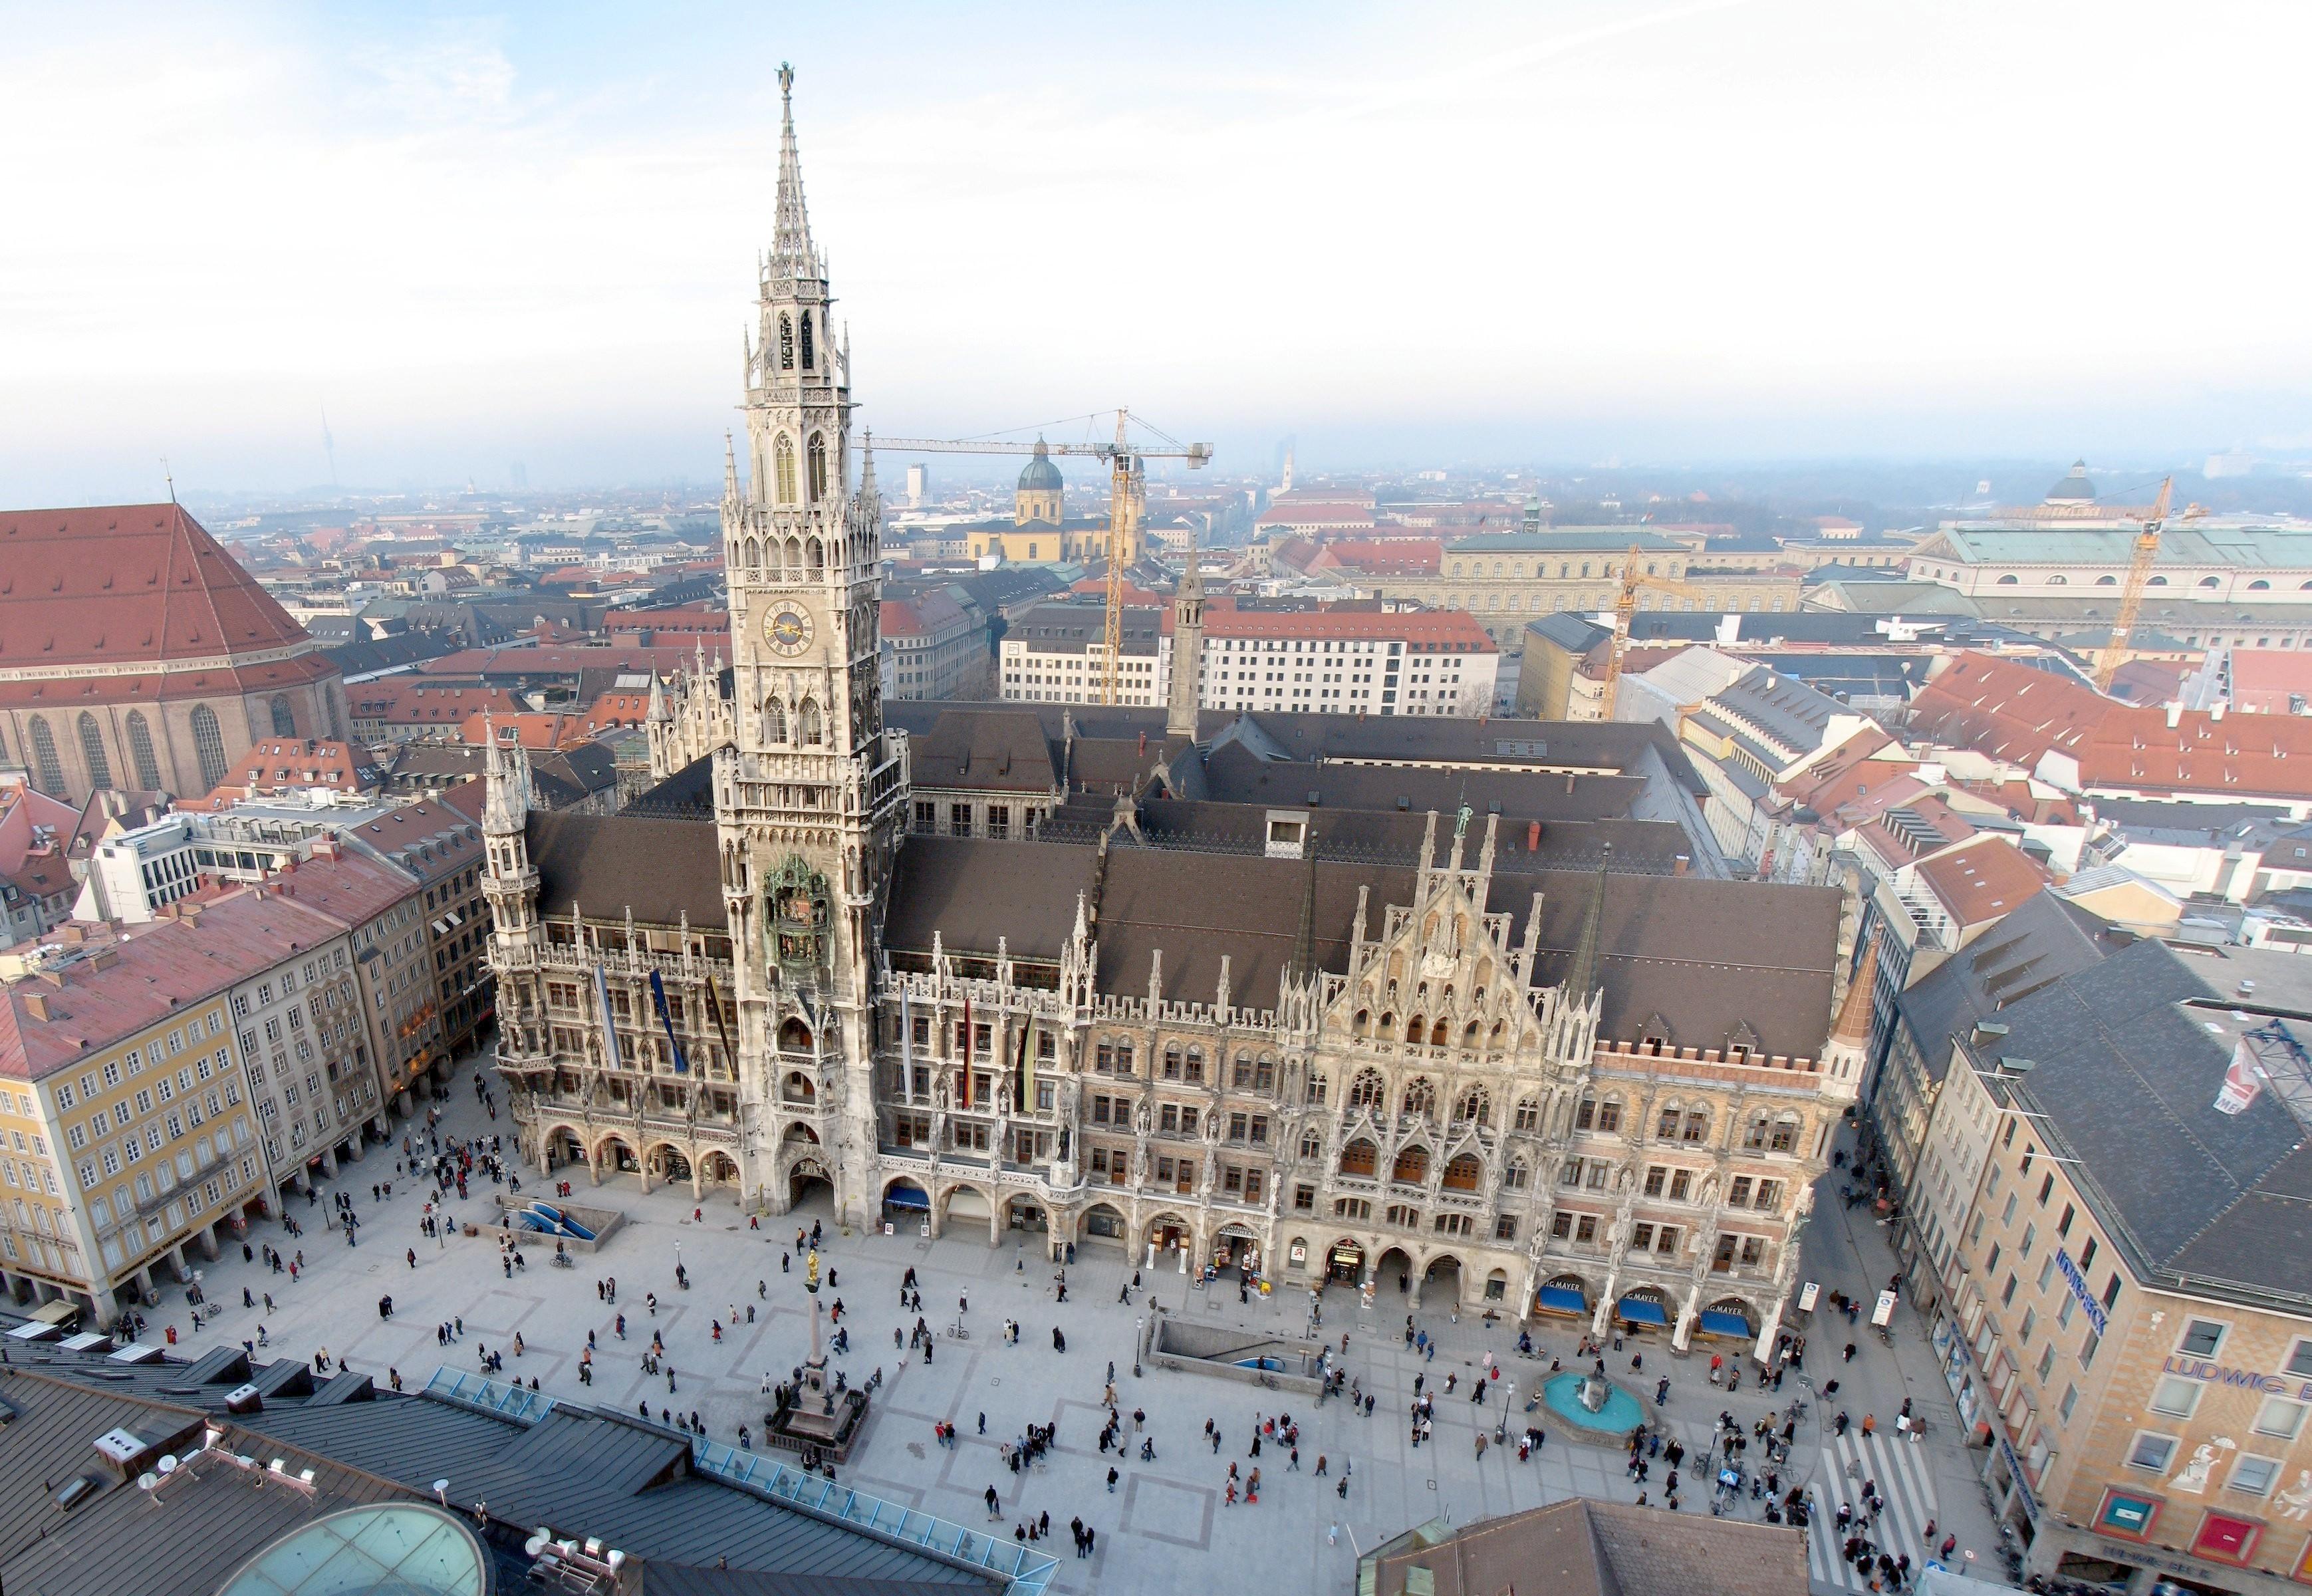 Neues_Rathaus_und_Marienplatz_M%C3%BCnch